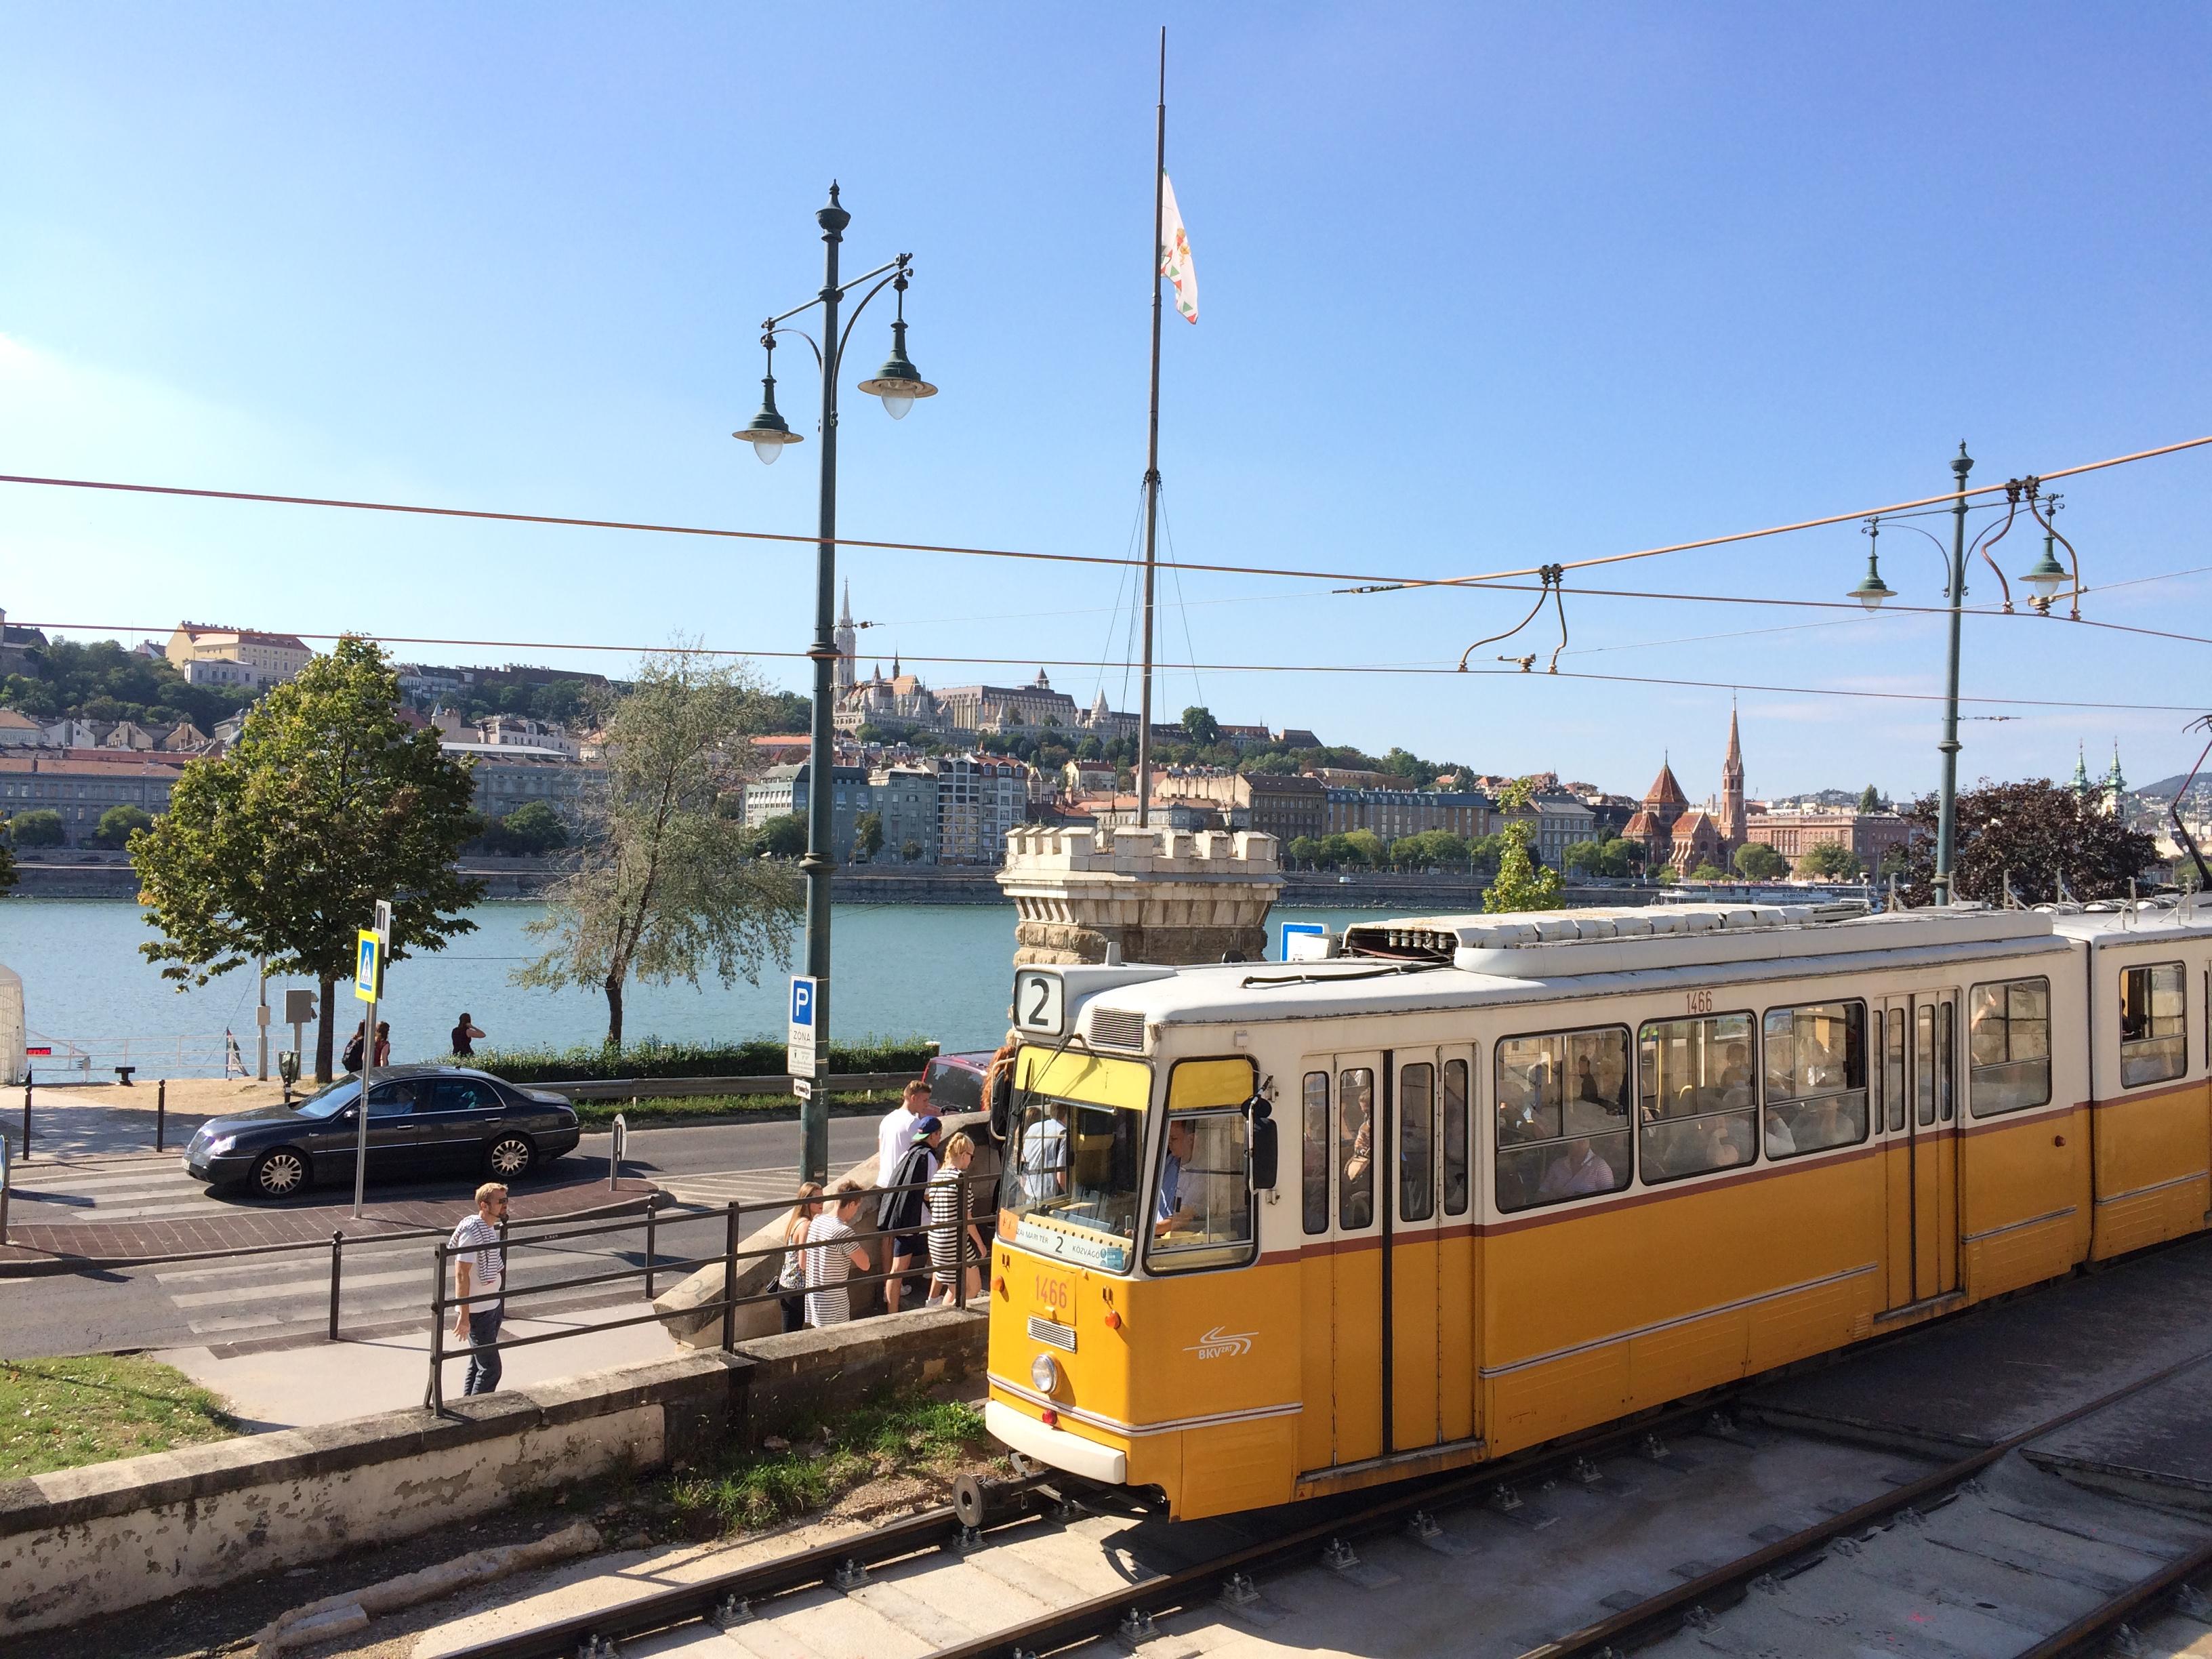 Tram nº 2 bordeando o Rio Danúbio - Budapeste